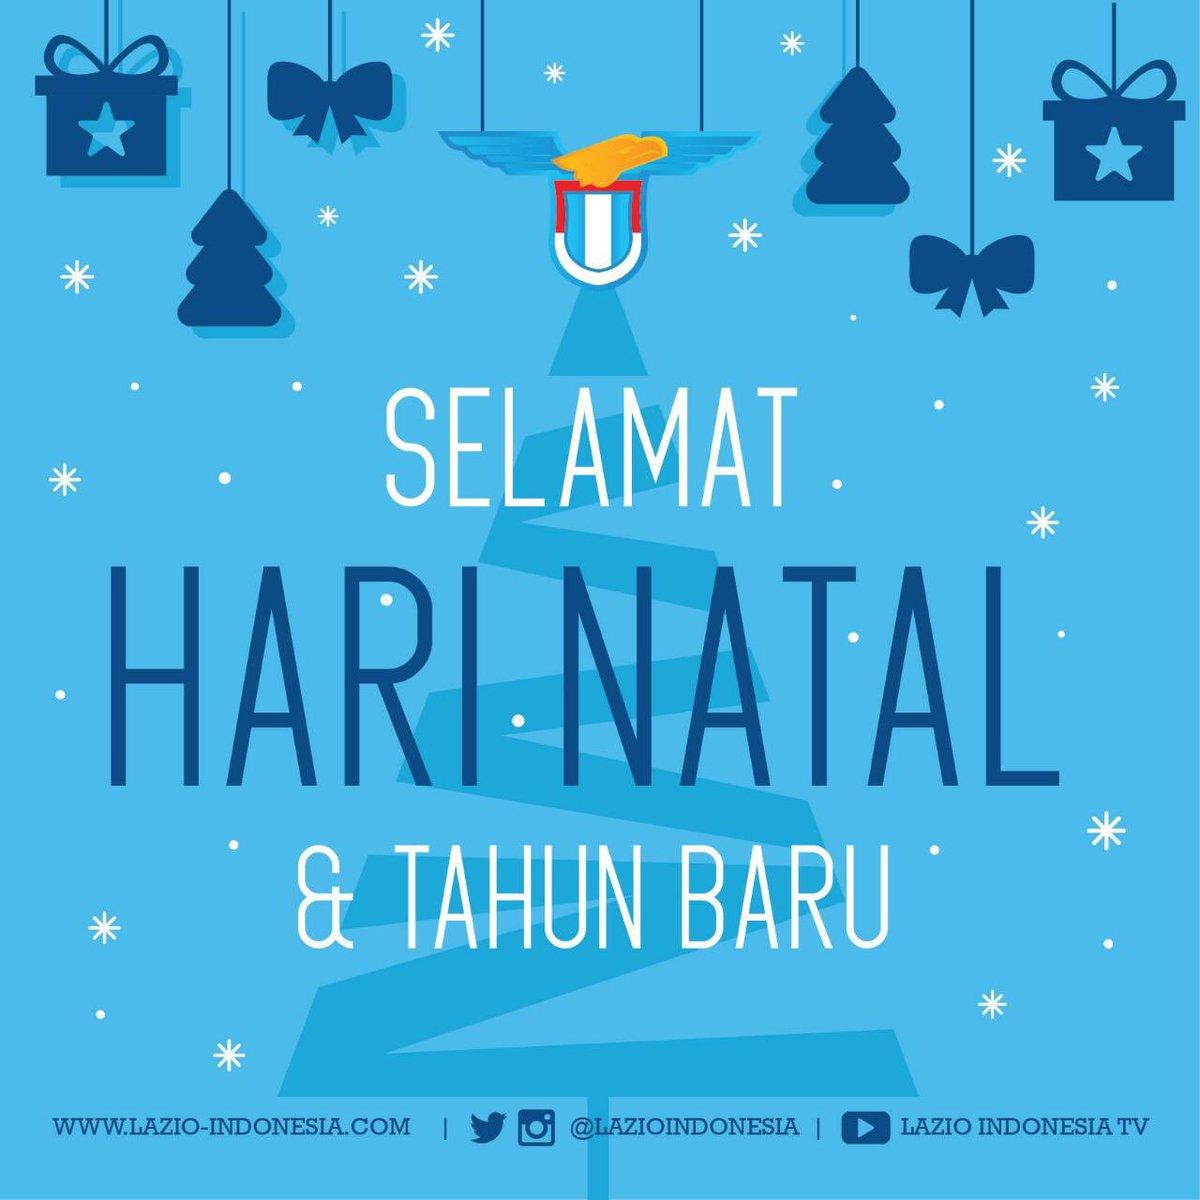 Lazio Indonesia mengucapkan Selamat Hari Natal, mari kita sebarkan kasih dan damai selalu. Kiranya Tuhan memberkati bangsa kita. Amin  We wish you a very Merry Christmas.  #ChristmasDay #XmasLazio #LazioIndonesia